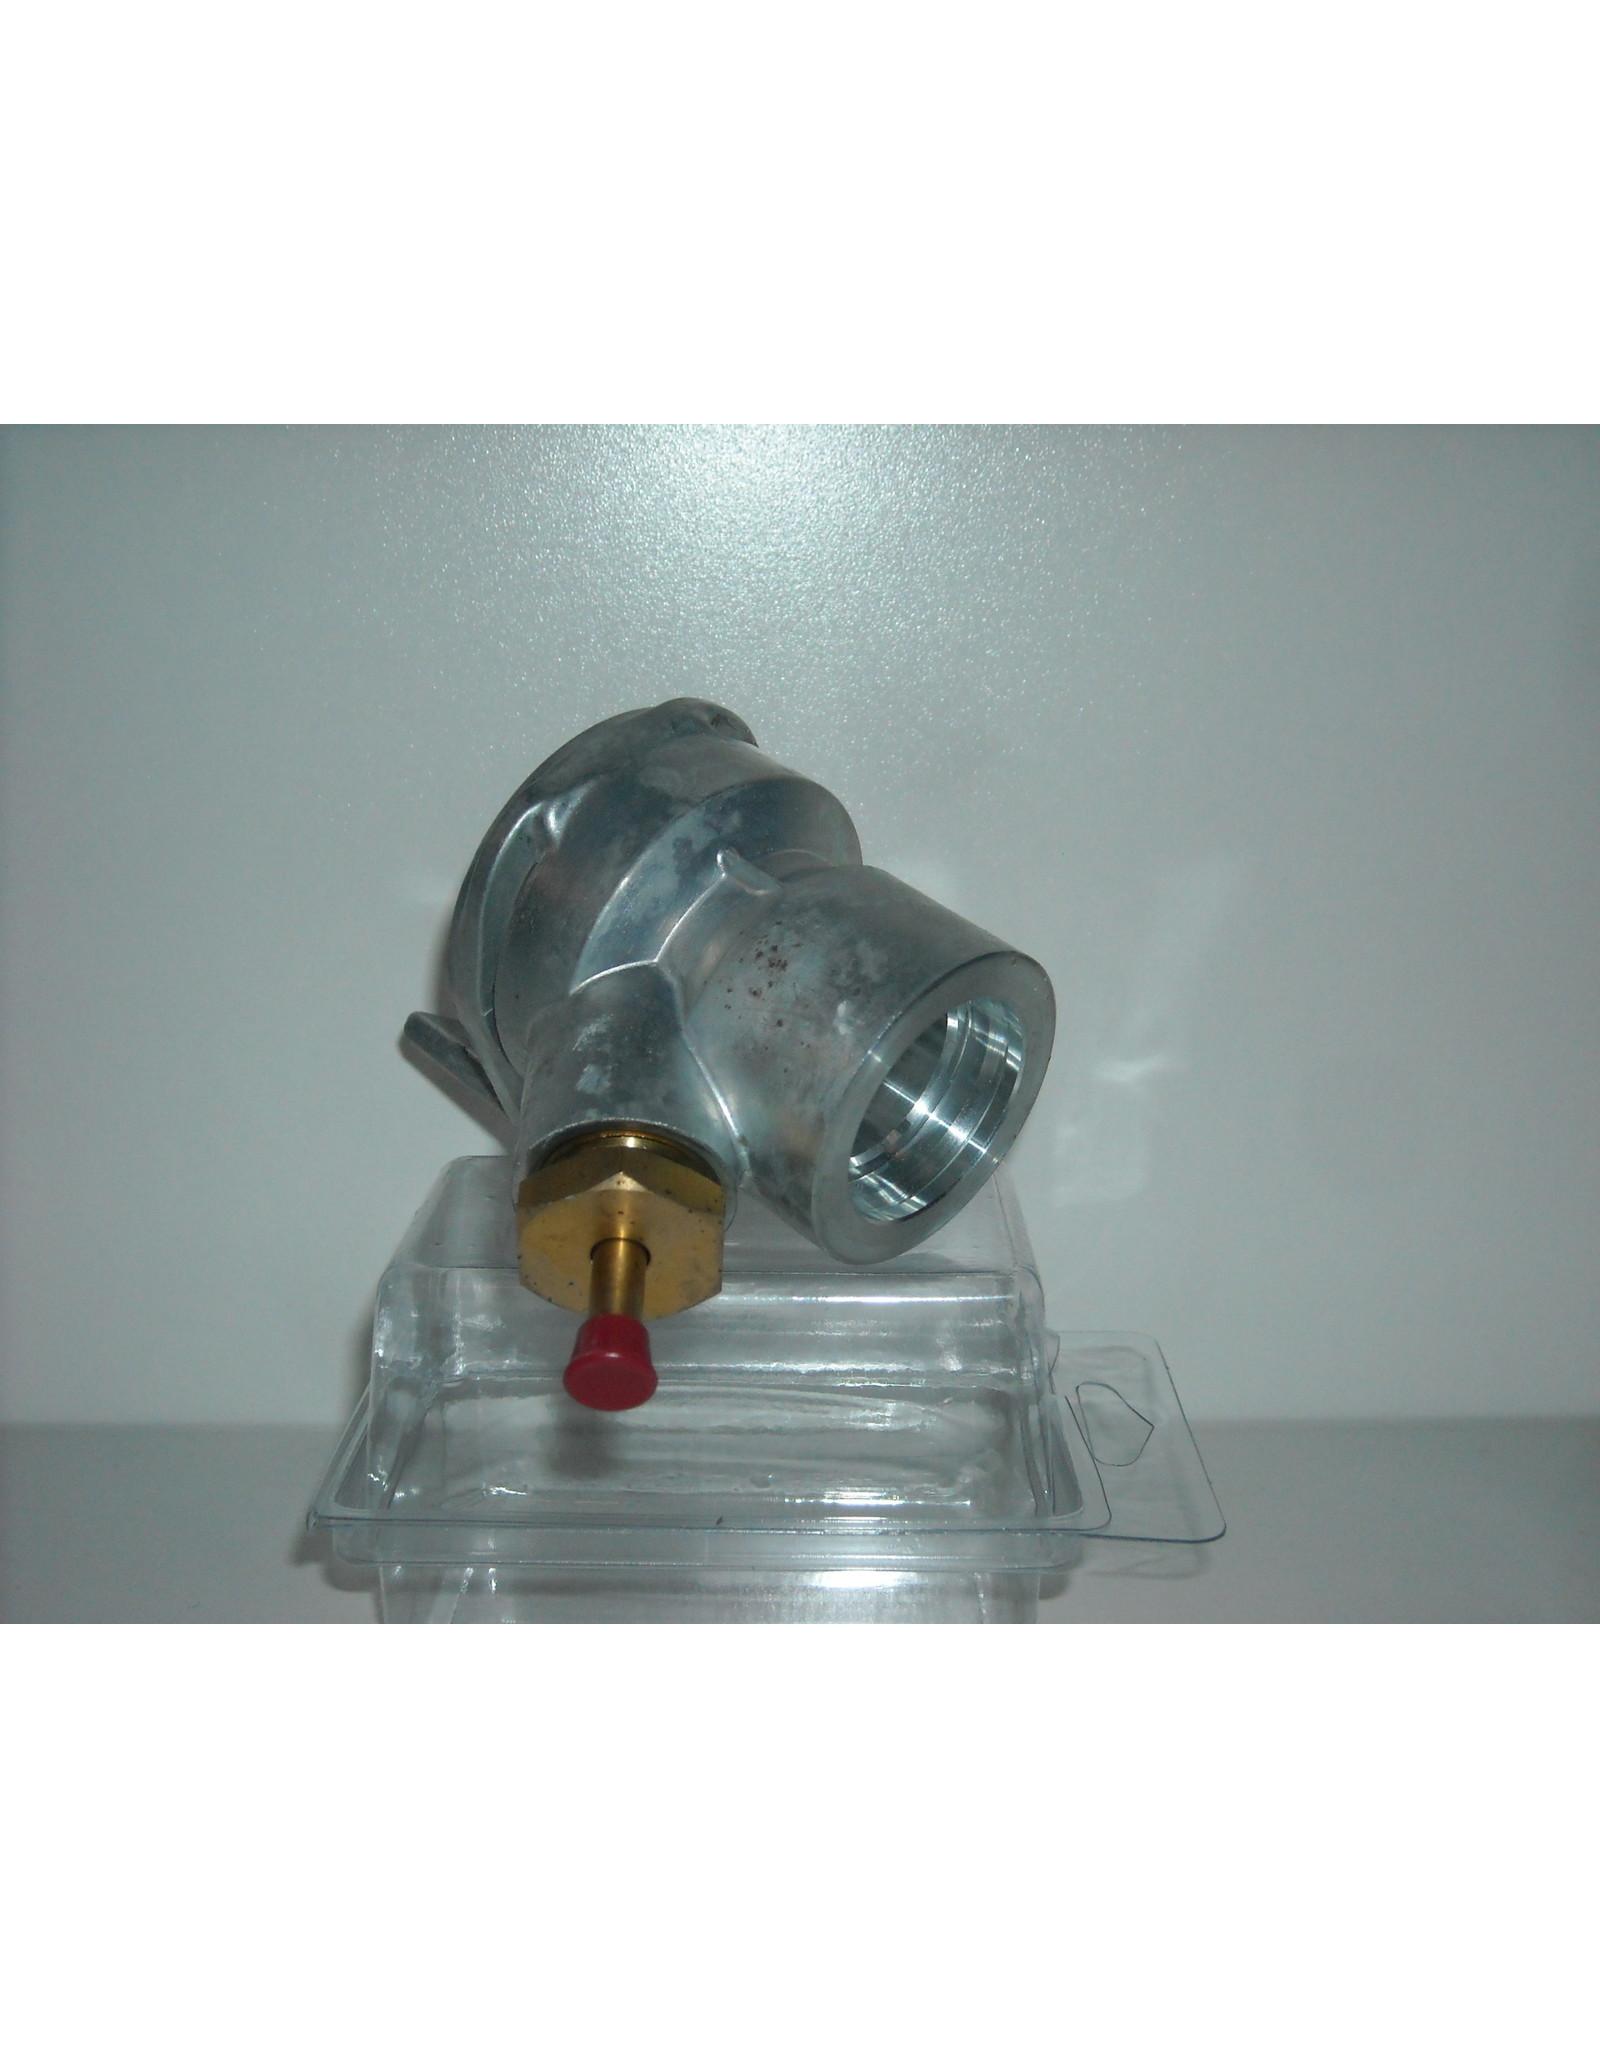 Titan 216A Pusher Assembly Kit